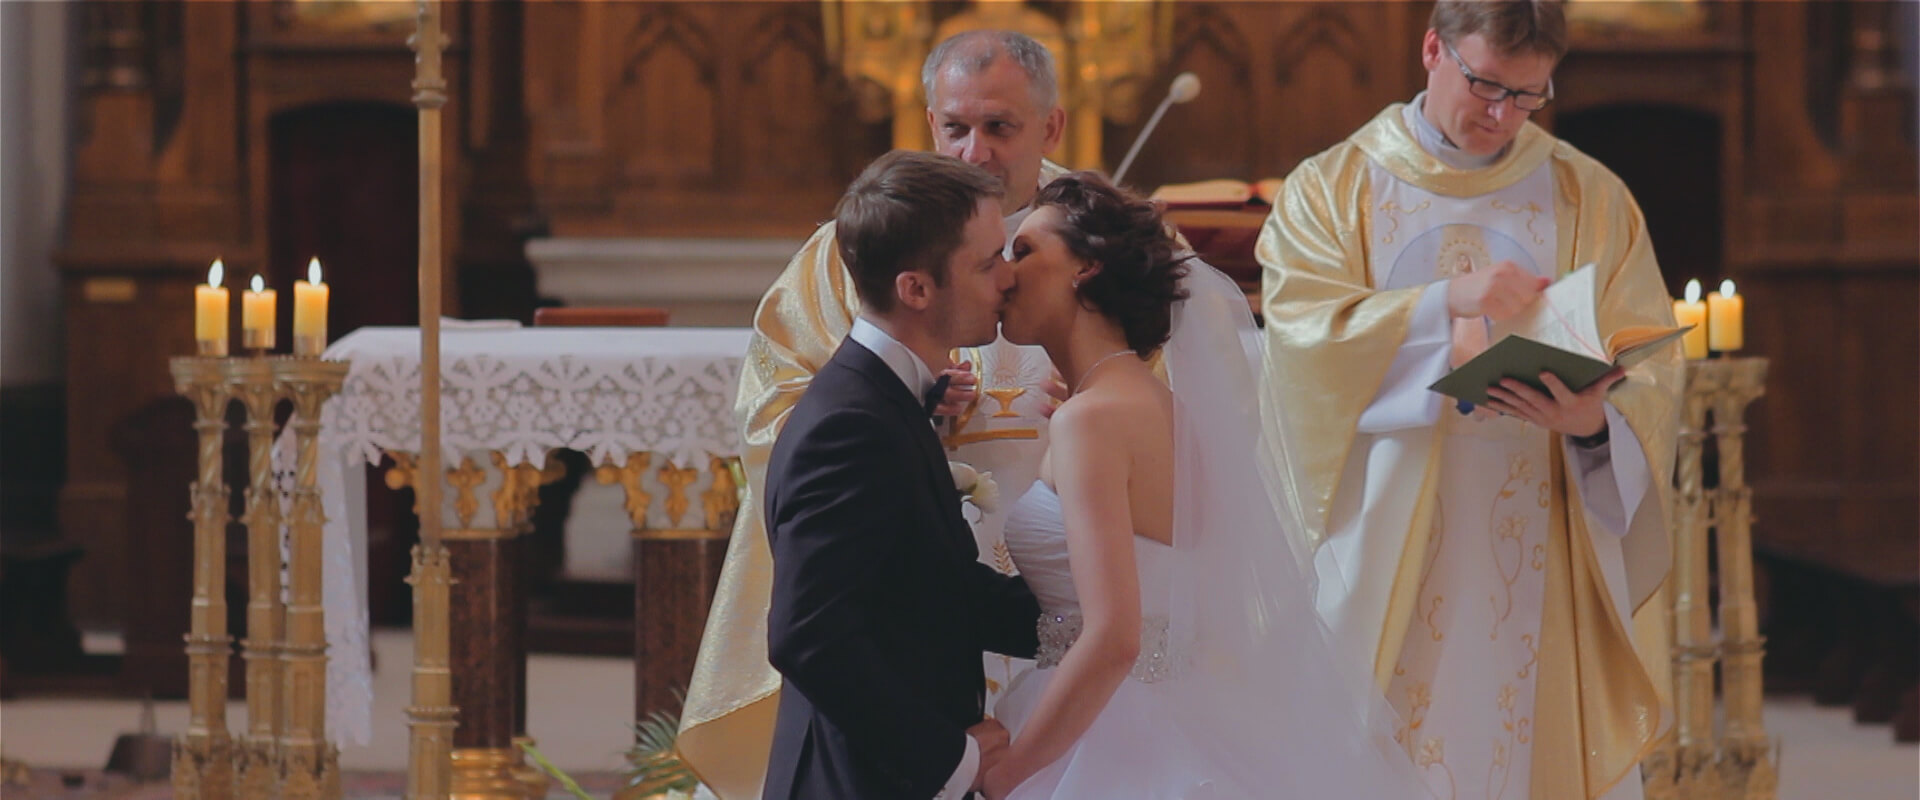 video z warszawskiego wesela